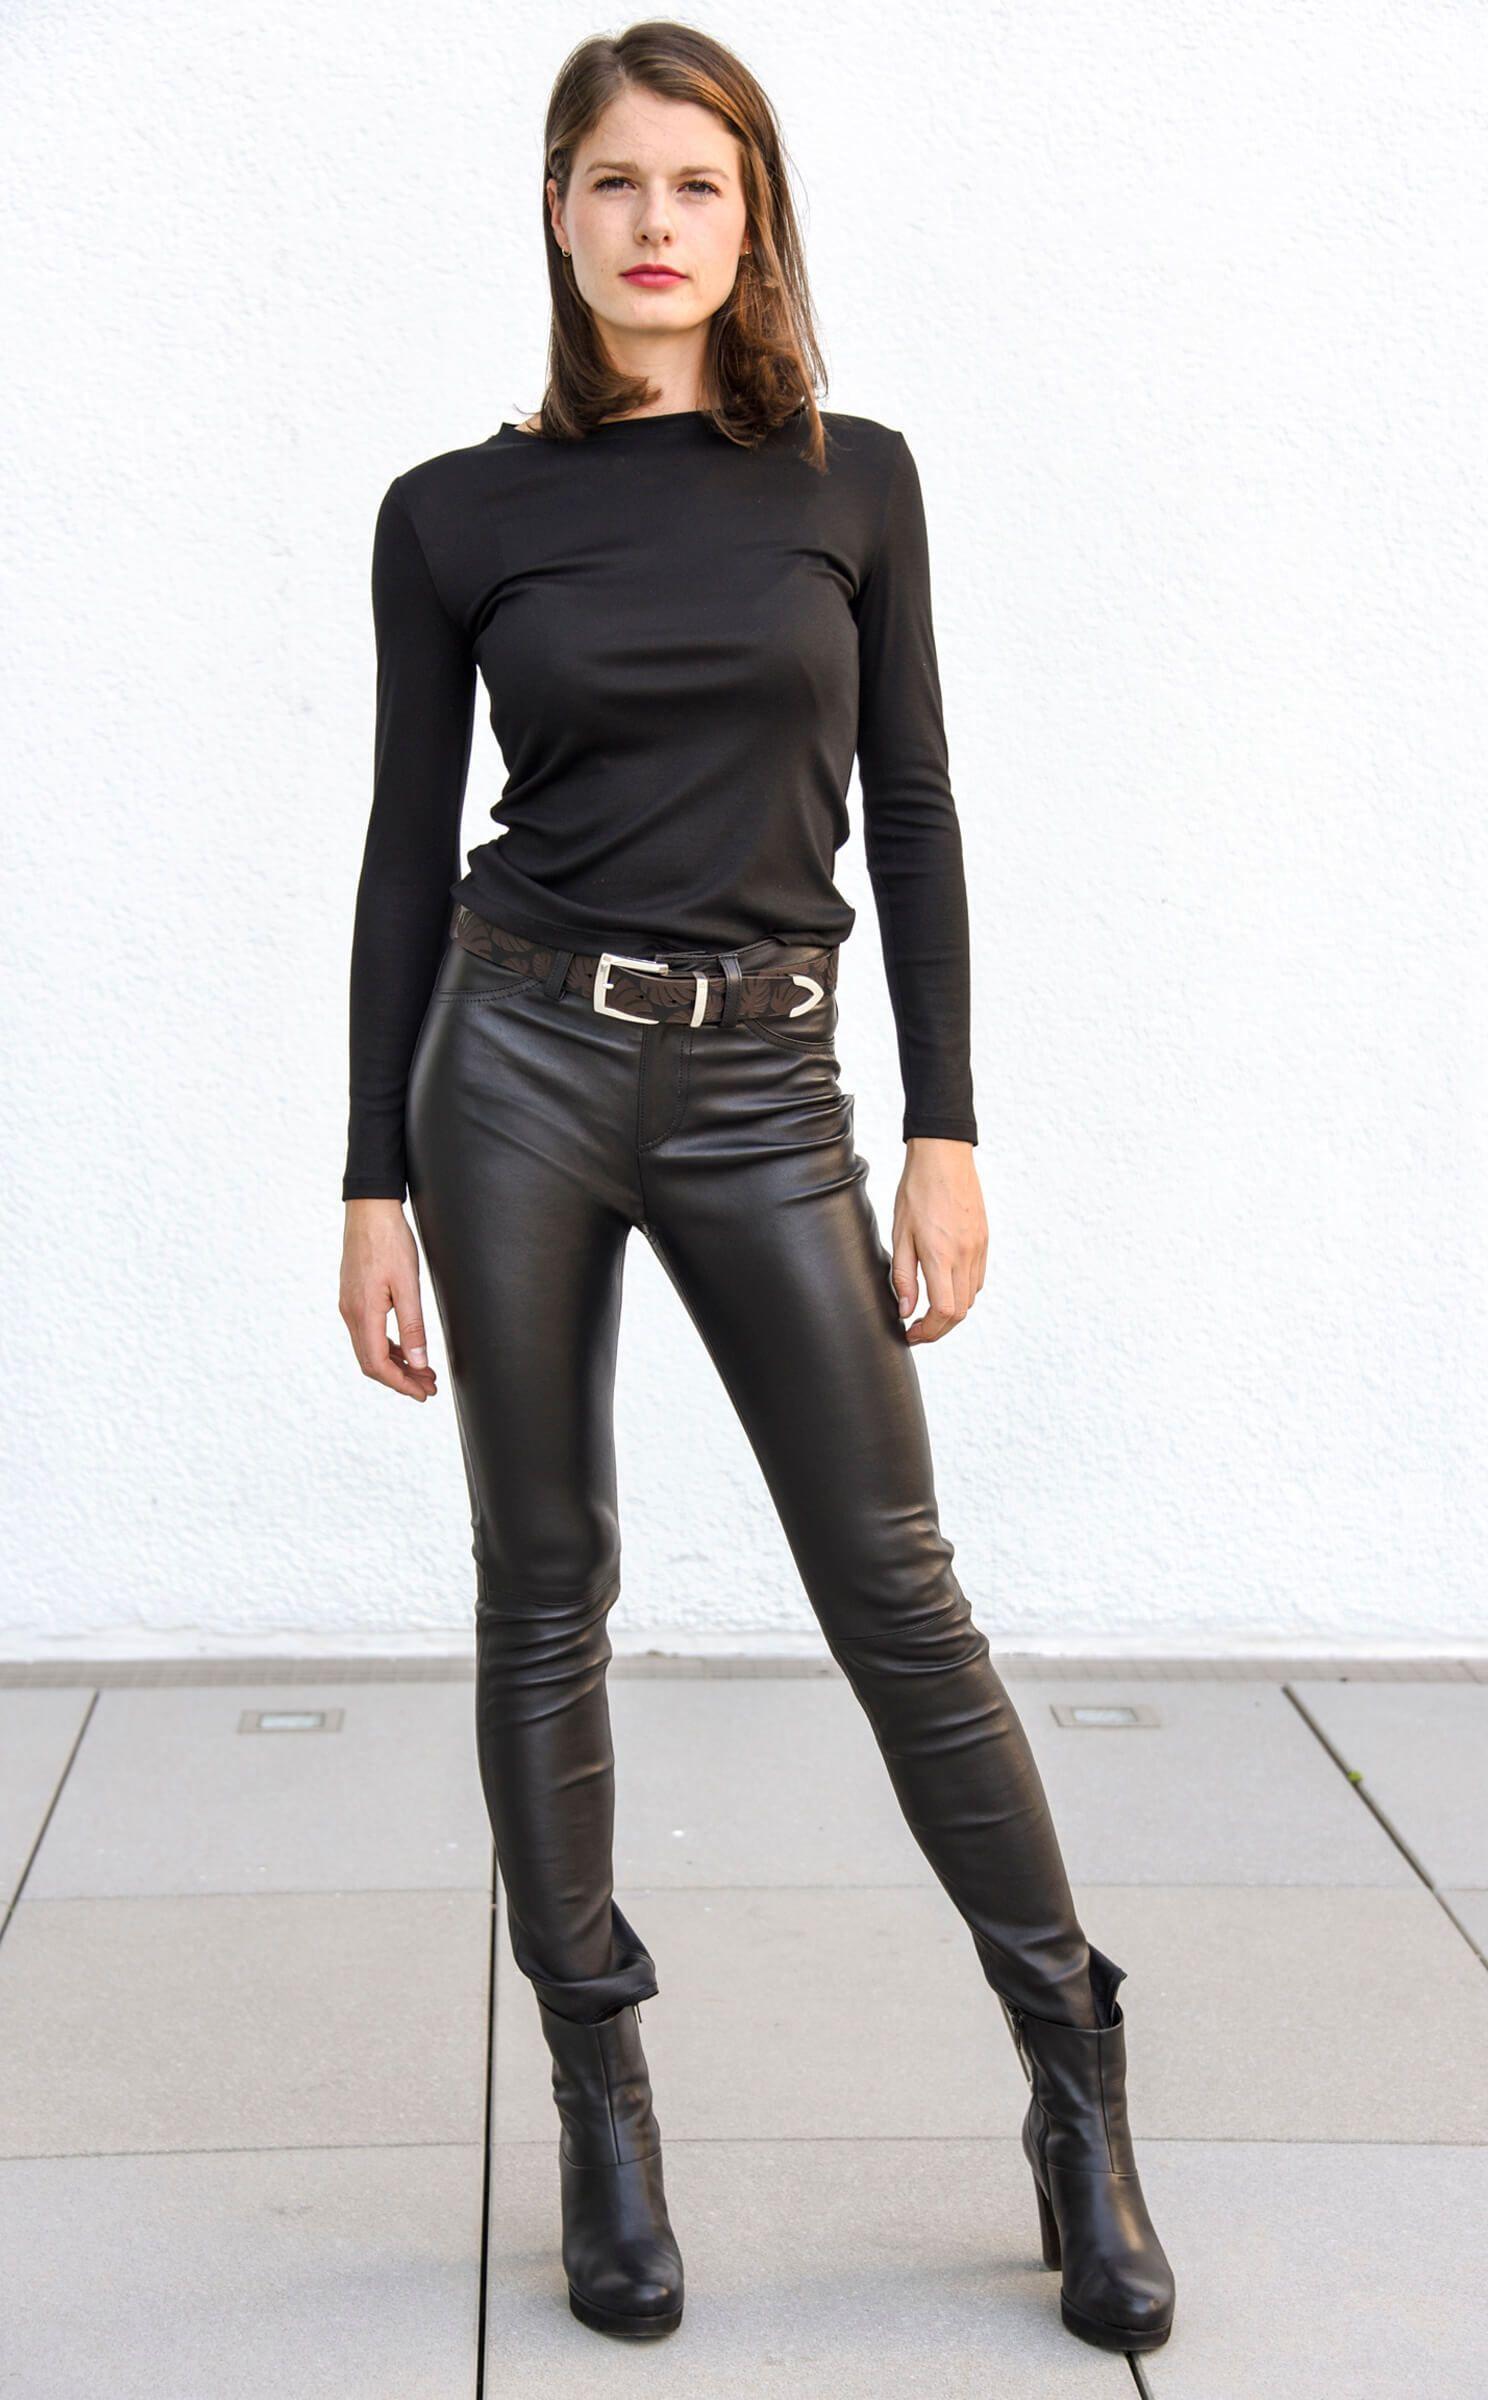 Damen Leder-Jeans, Nappaleder, Schwarz   wunschleder in